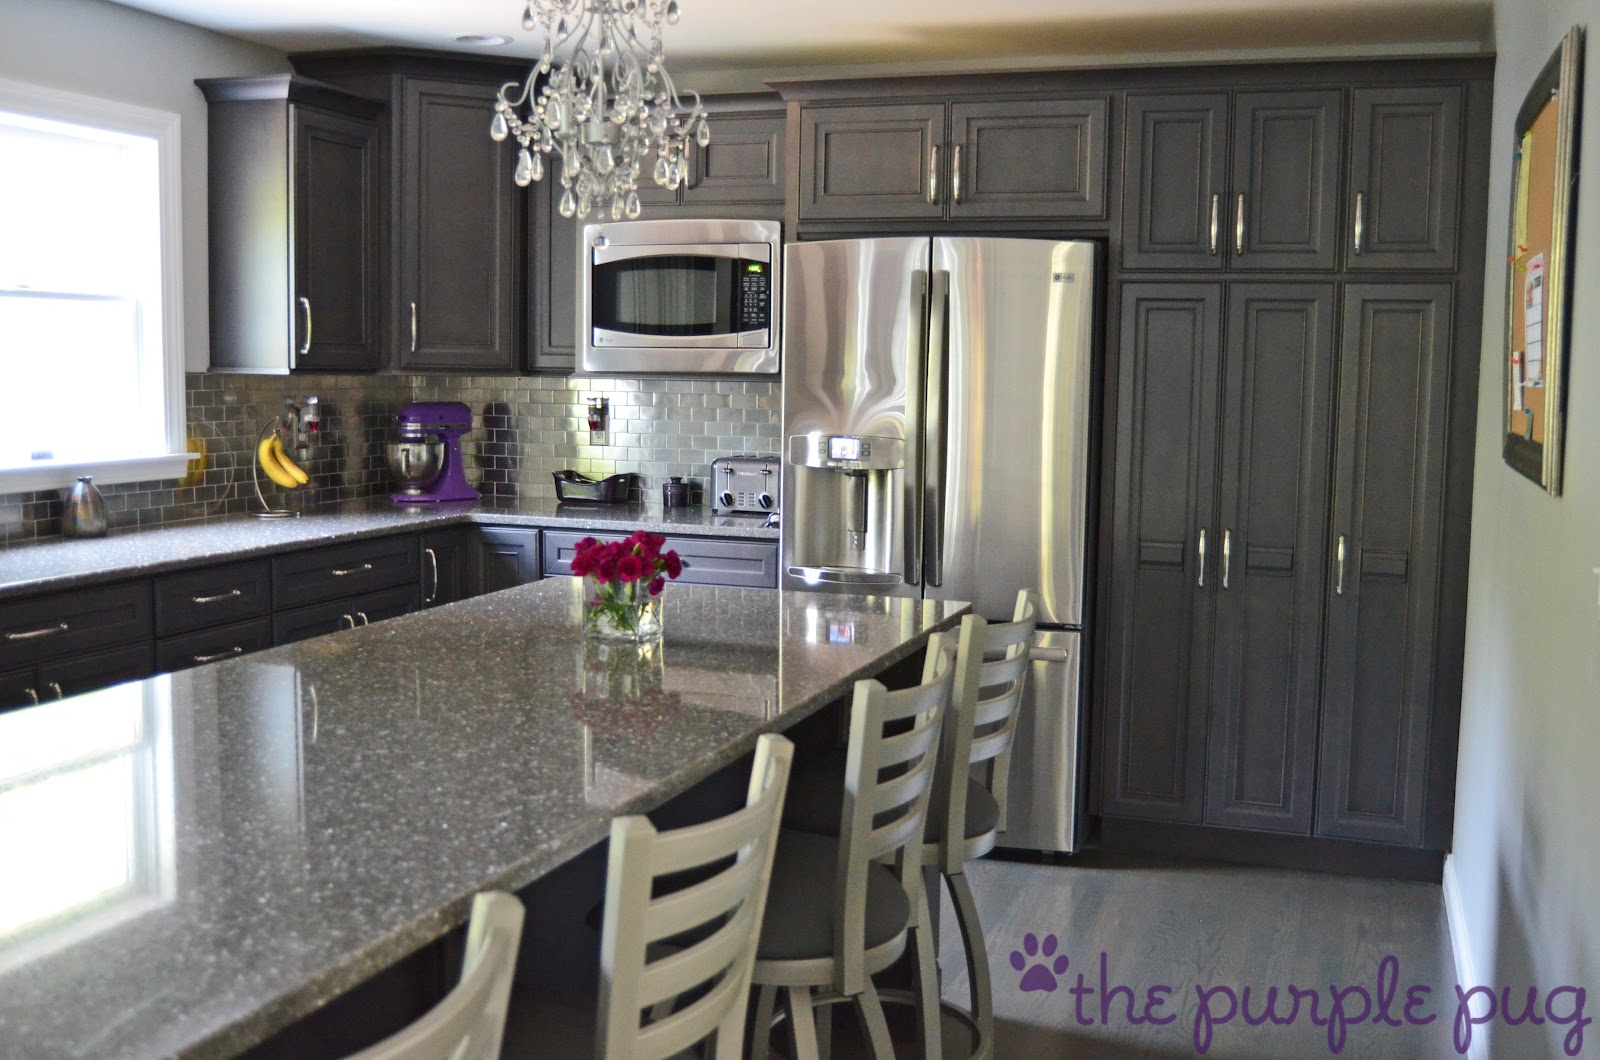 The Purple Pug August 2012